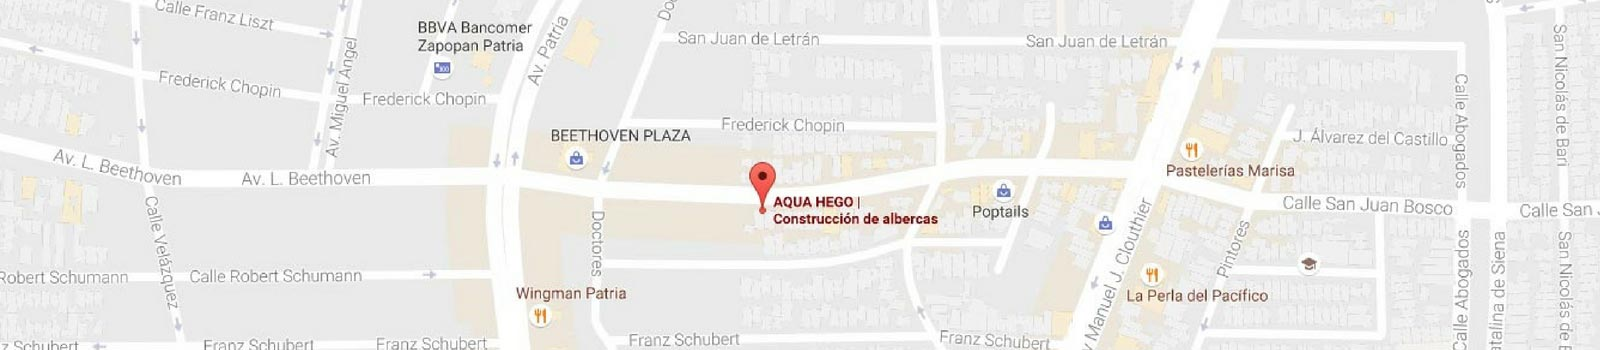 Google Maps Bombas para Albercas